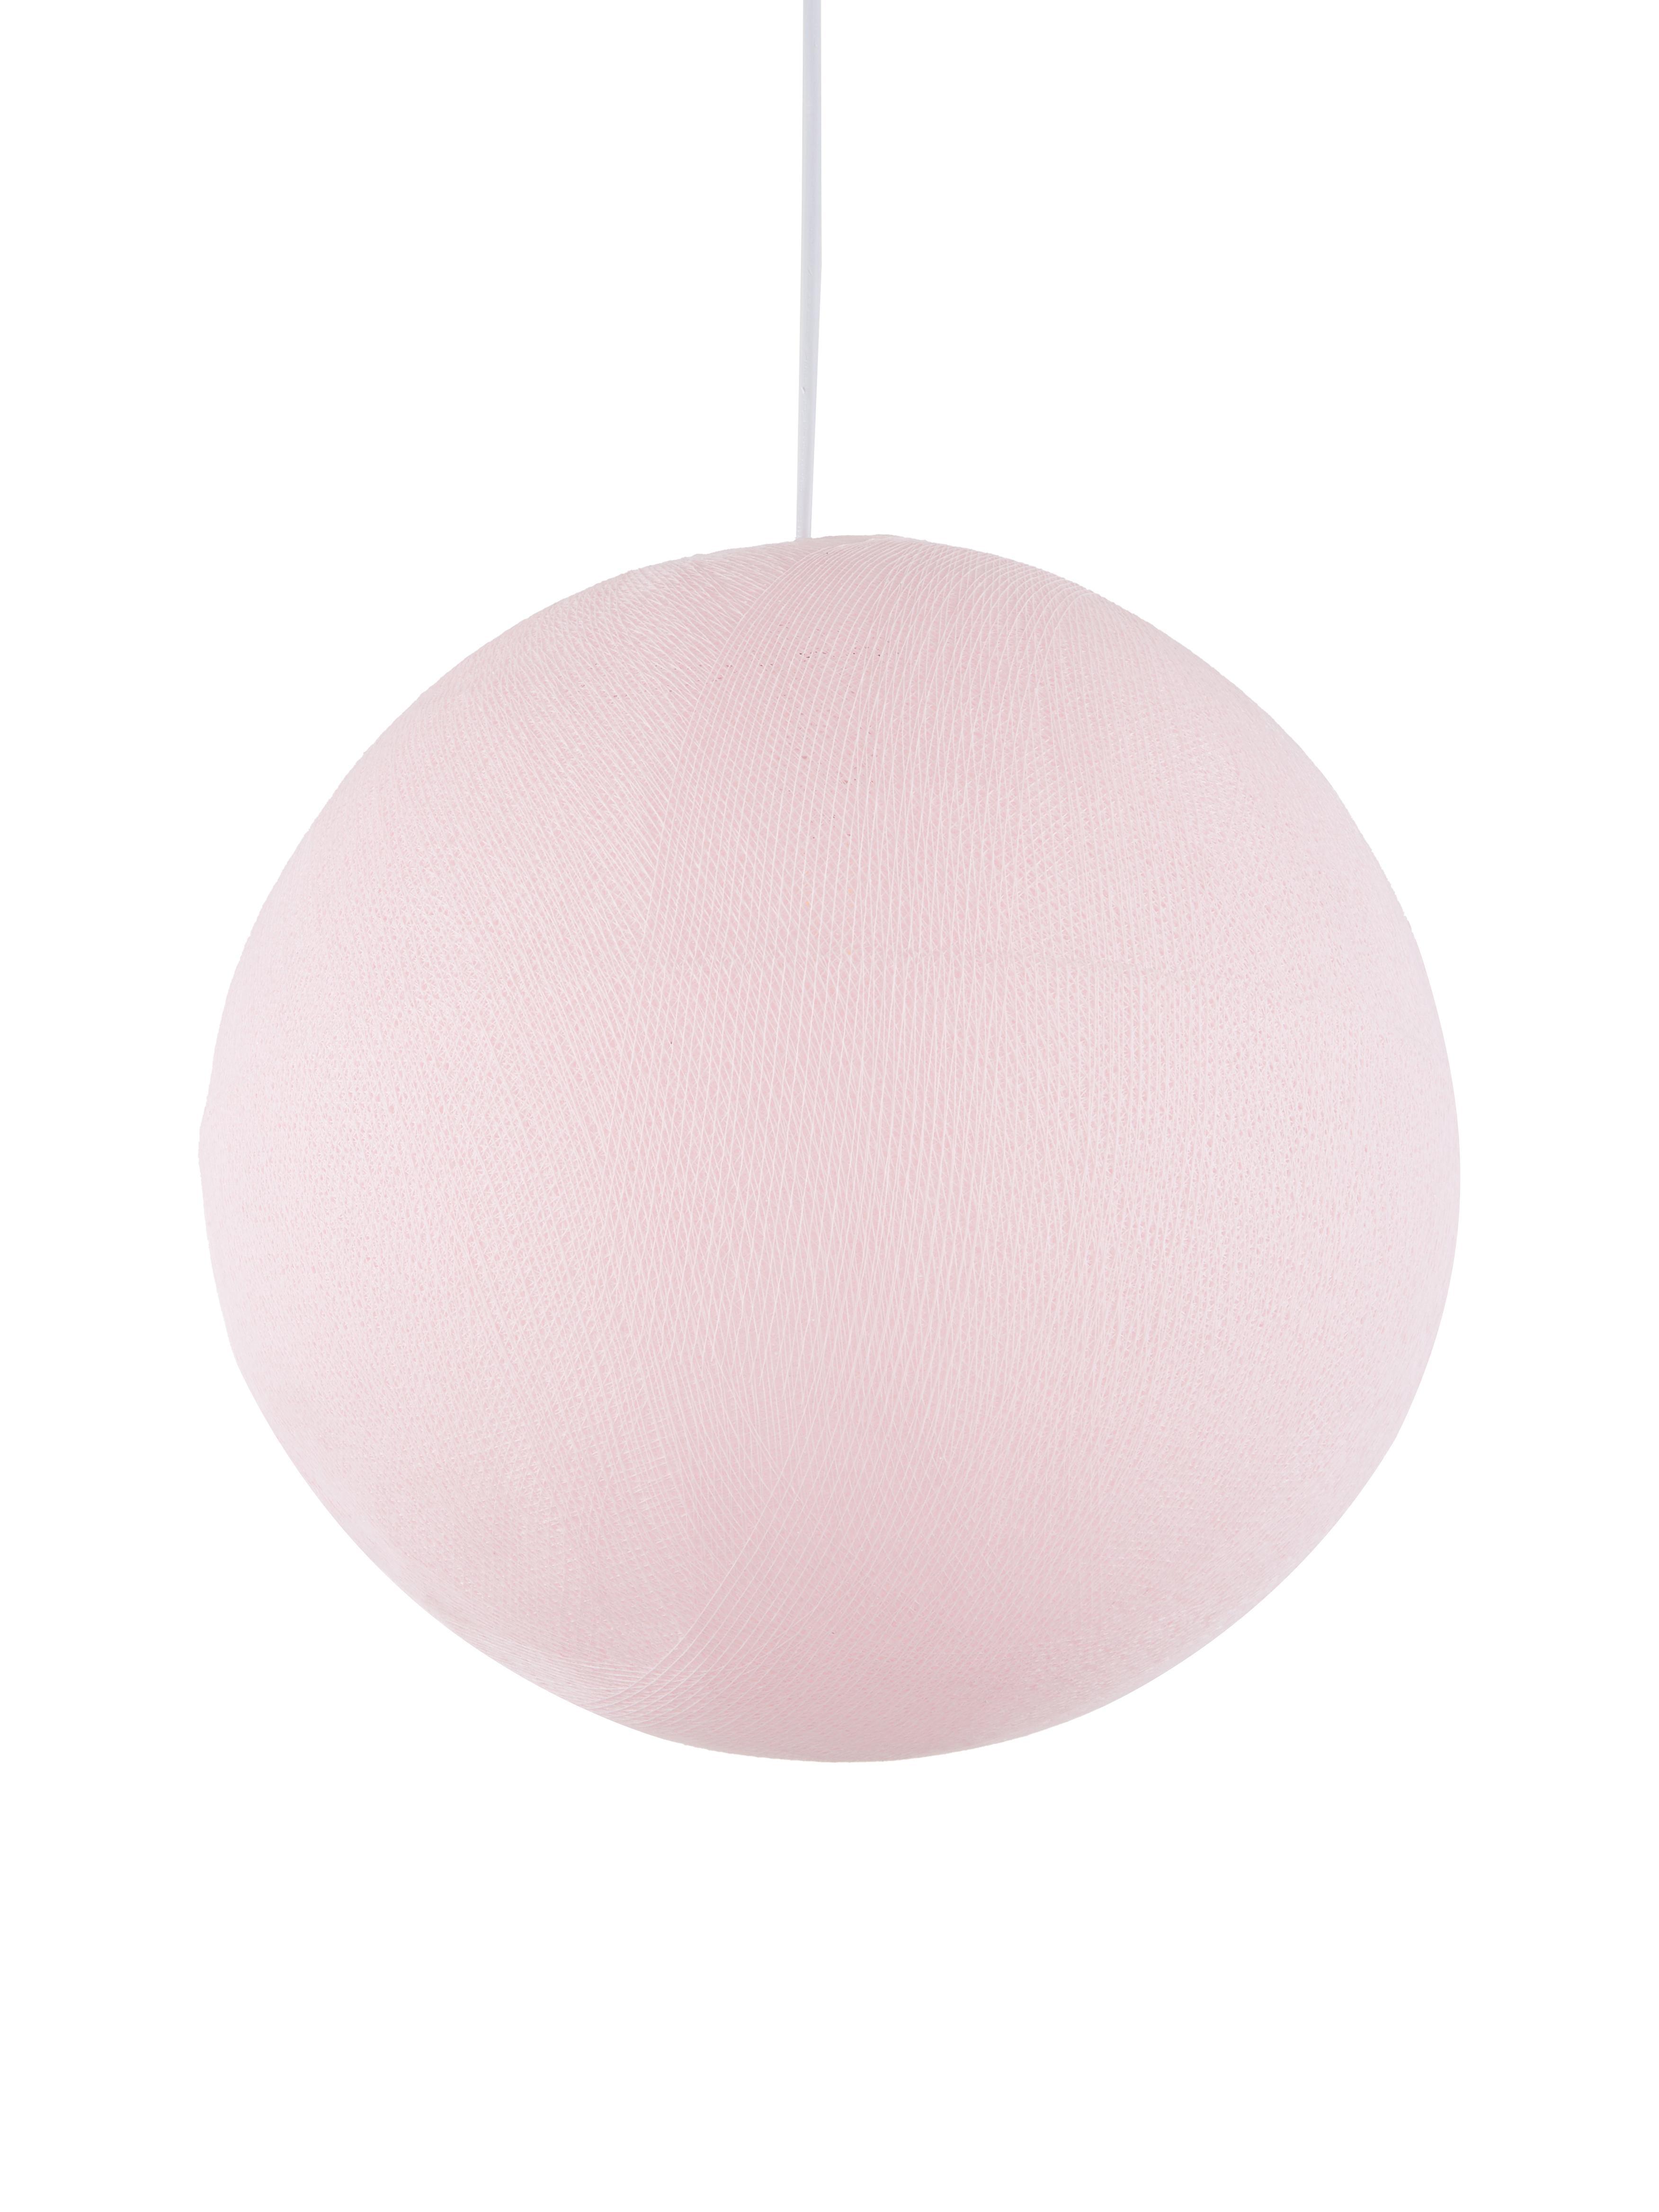 Lámpara de techo Colorain, Pantalla: poliéster, Cable: plástico, Rosa claro, Ø 41 x Al 135 cm